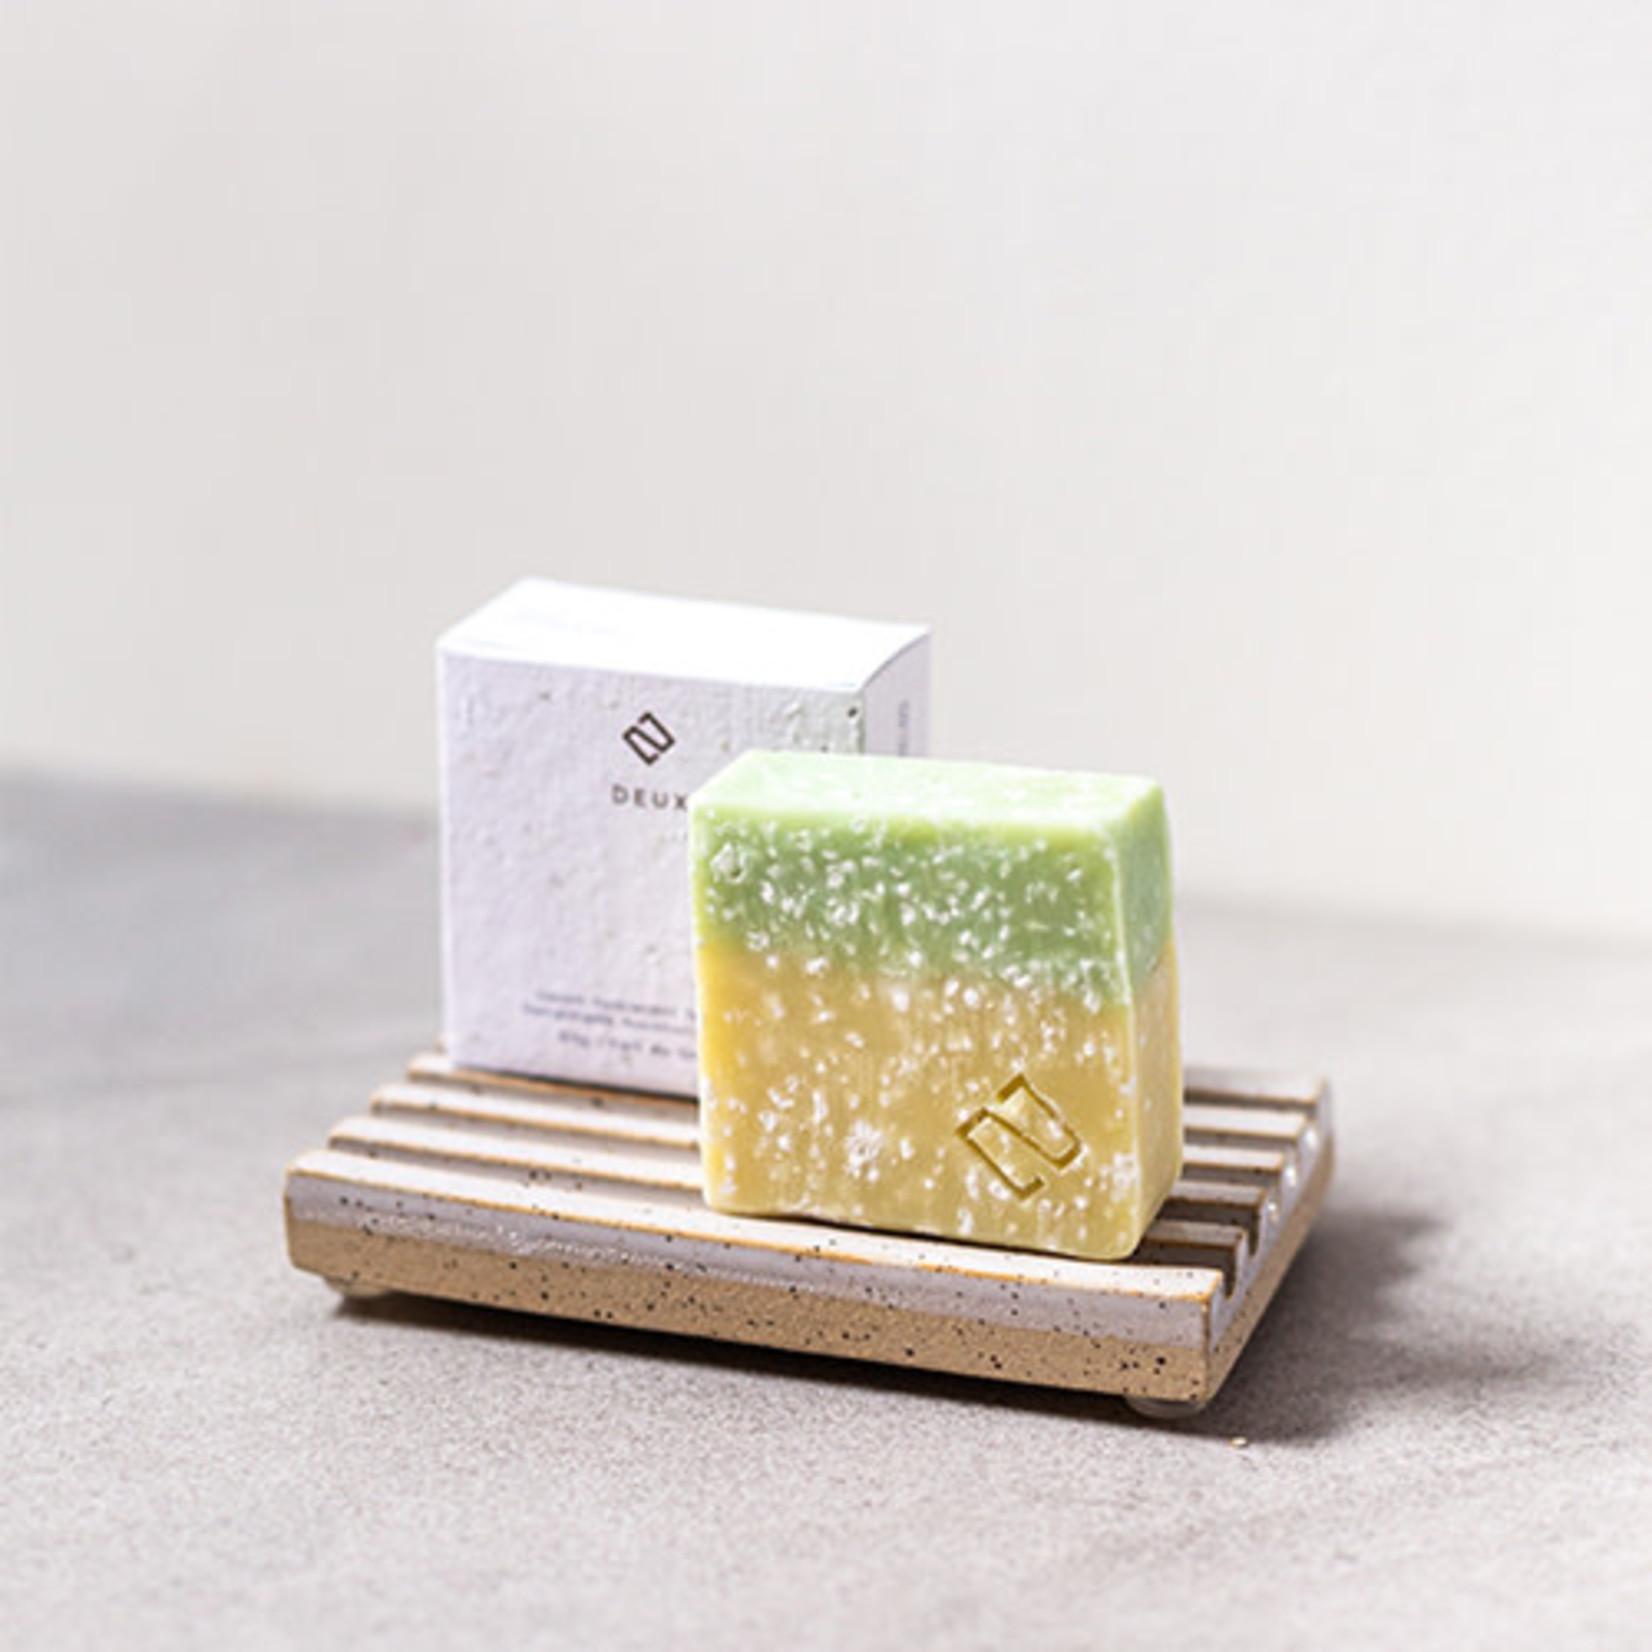 Deux cosmetiques Savon menthe et sel